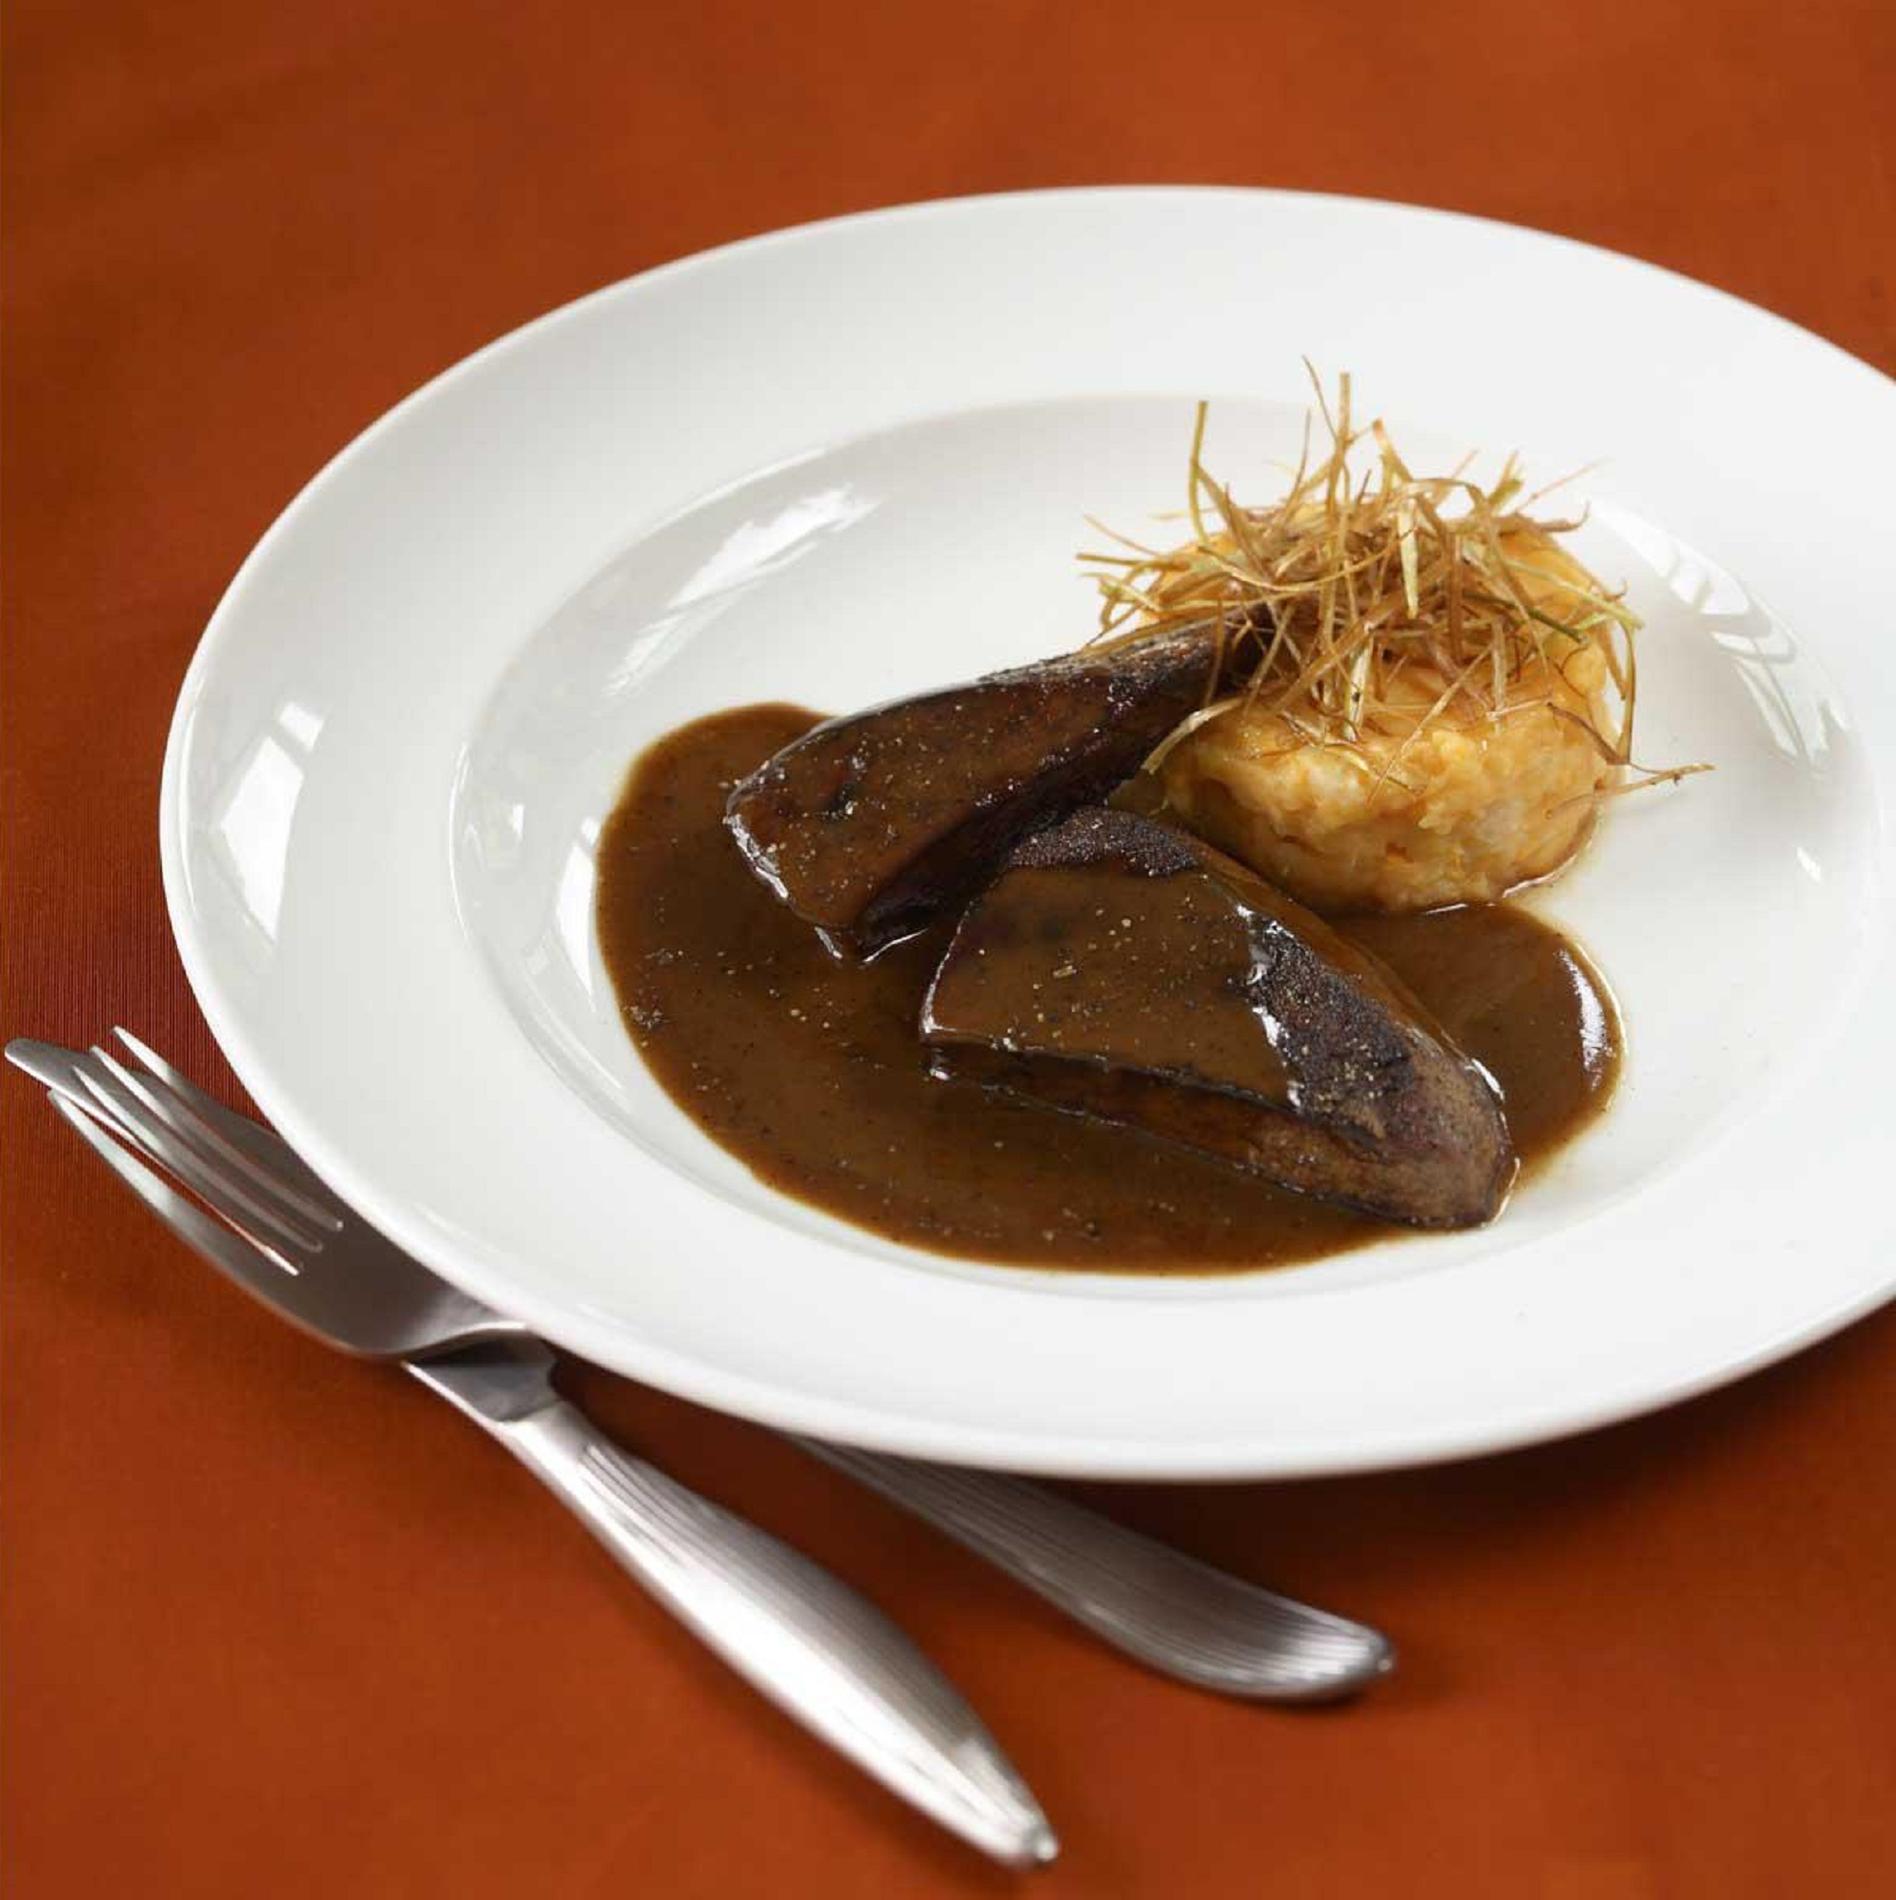 recette foie de veau caf marsala cuisine madame figaro. Black Bedroom Furniture Sets. Home Design Ideas